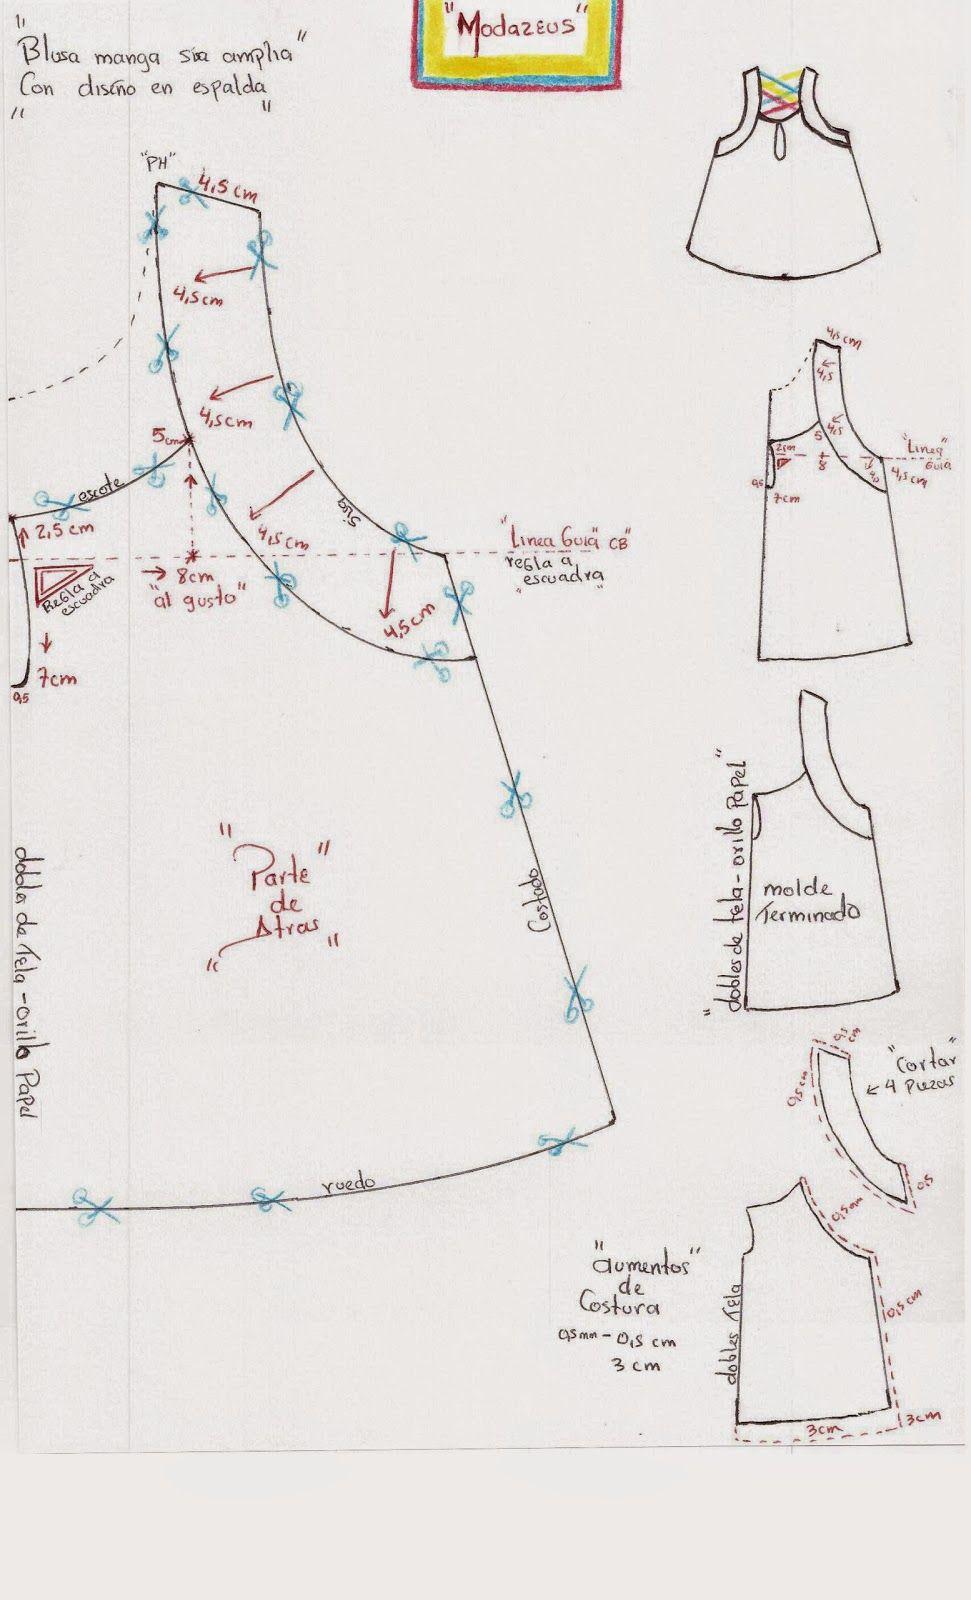 molderia de blusa modazeus | Patrones ligia | Pinterest | Costura ...